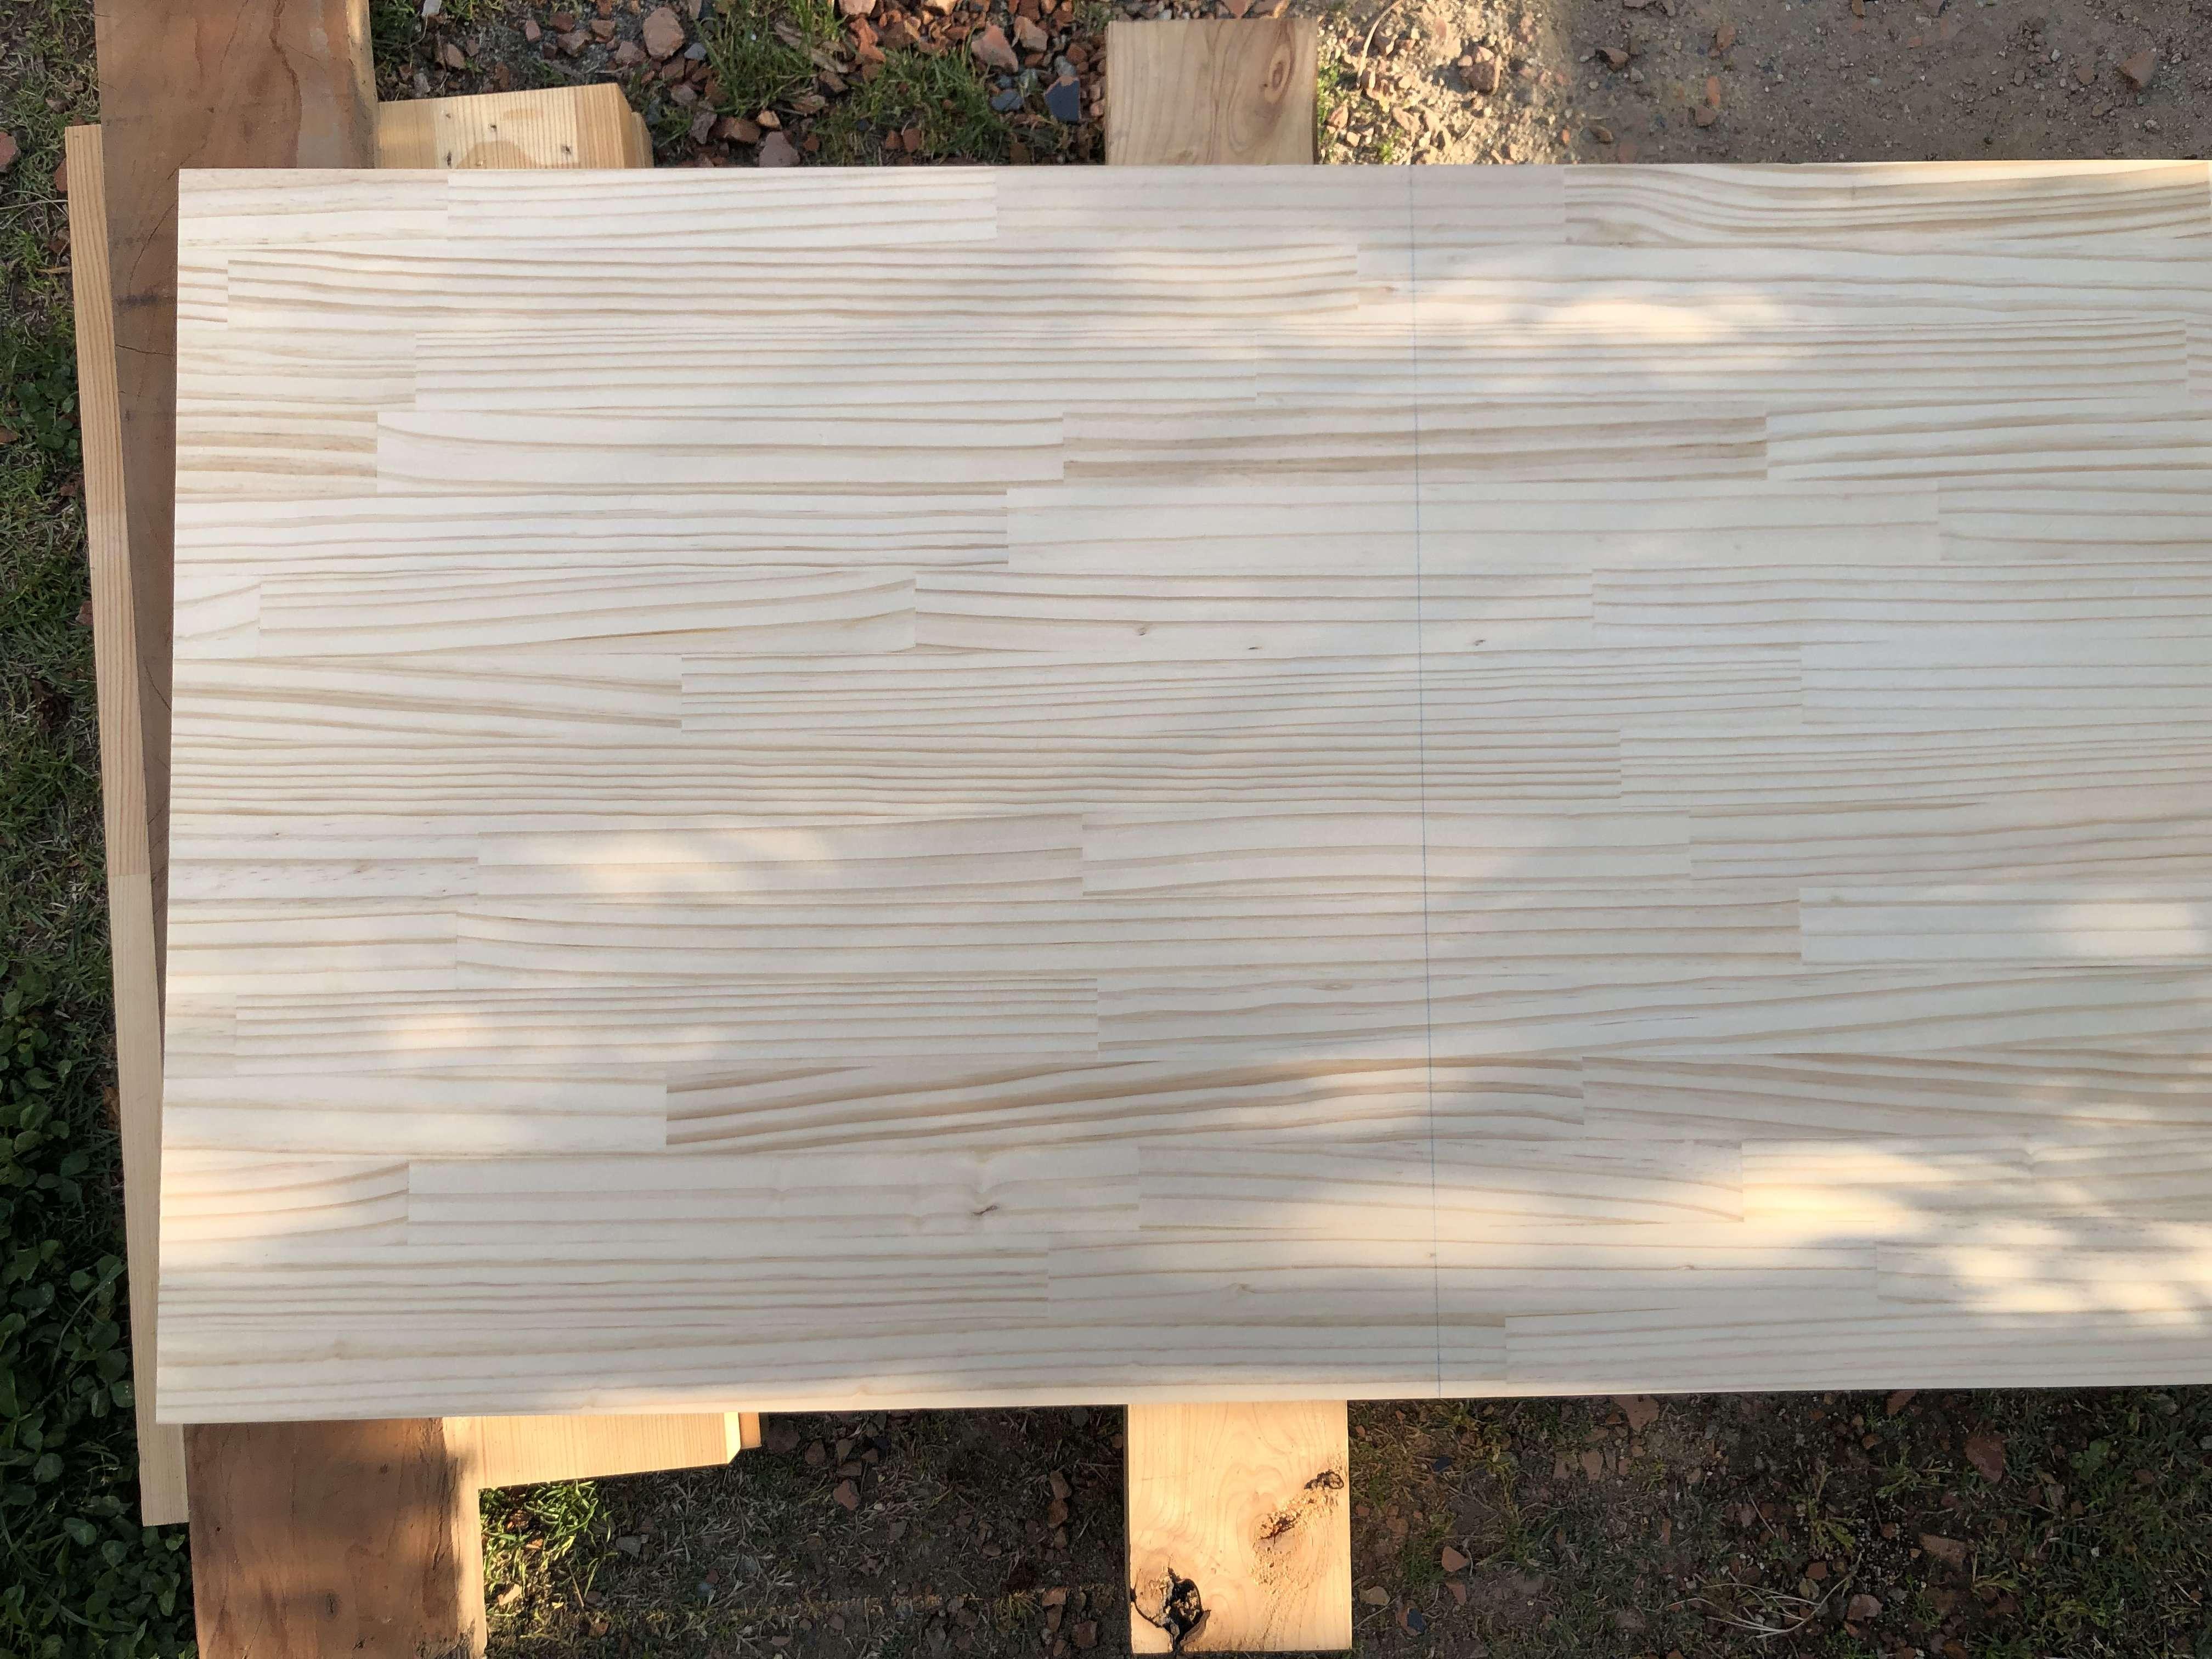 テーブル-DIY-作り方-パイン材-天板-切断